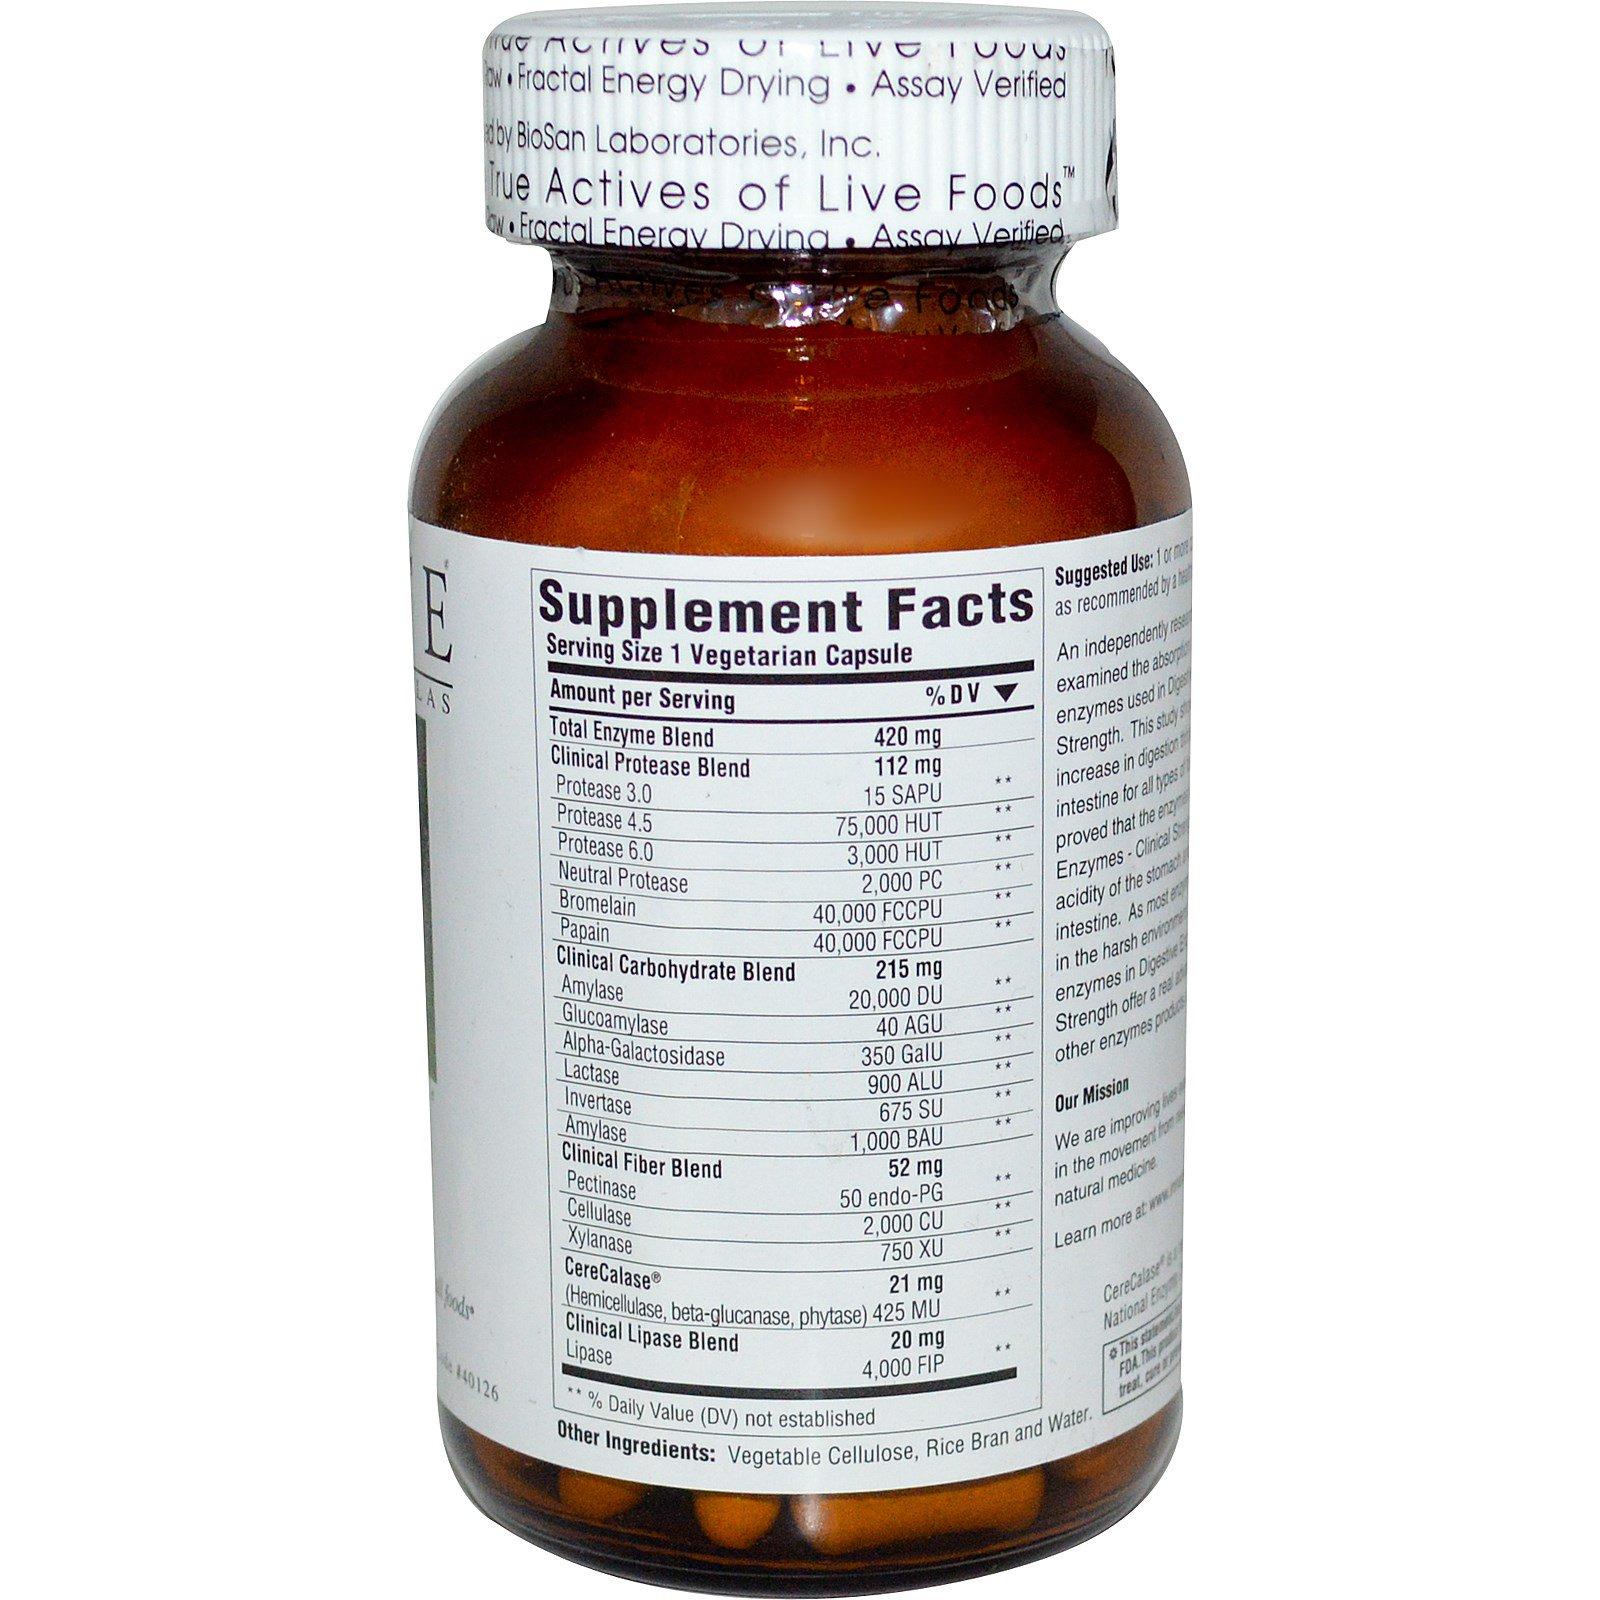 Innate response digestive enzymes